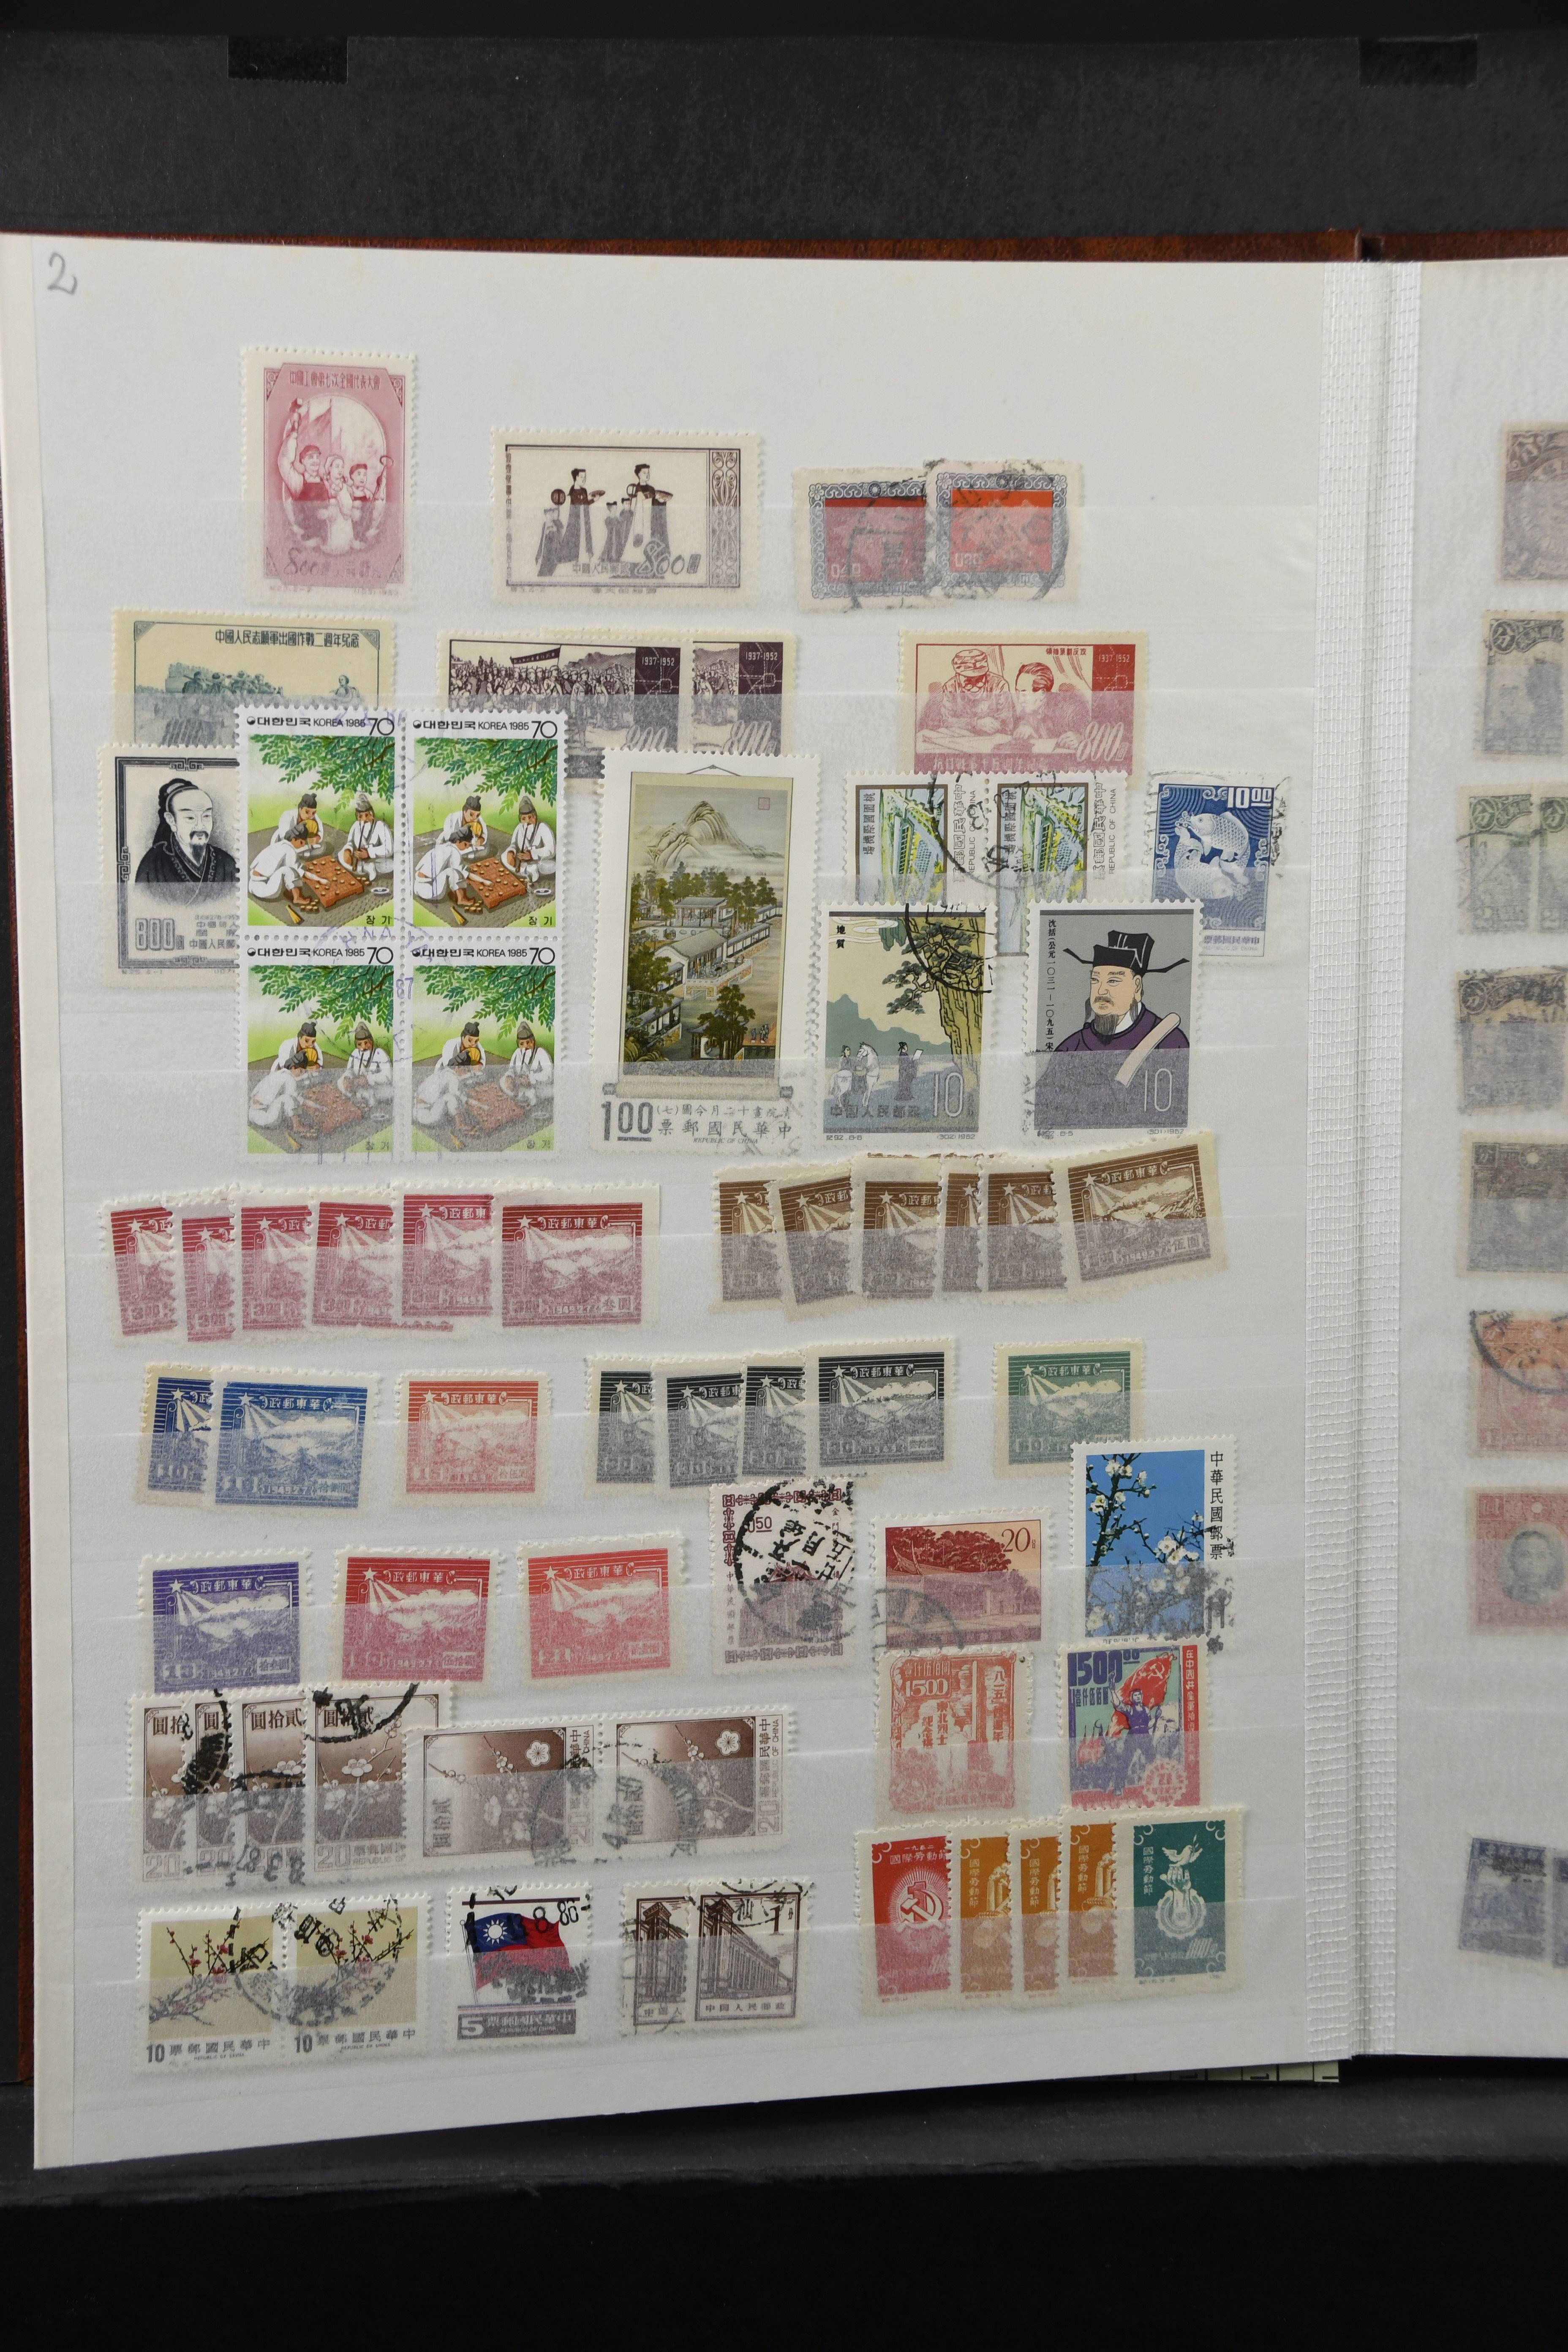 Lot 6004 - Nachlässe, Kartonabteilung S -  Auktionshaus Ulrich Felzmann GmbH & Co. KG Auction 170 International Autumn Auction 2020 Day 5